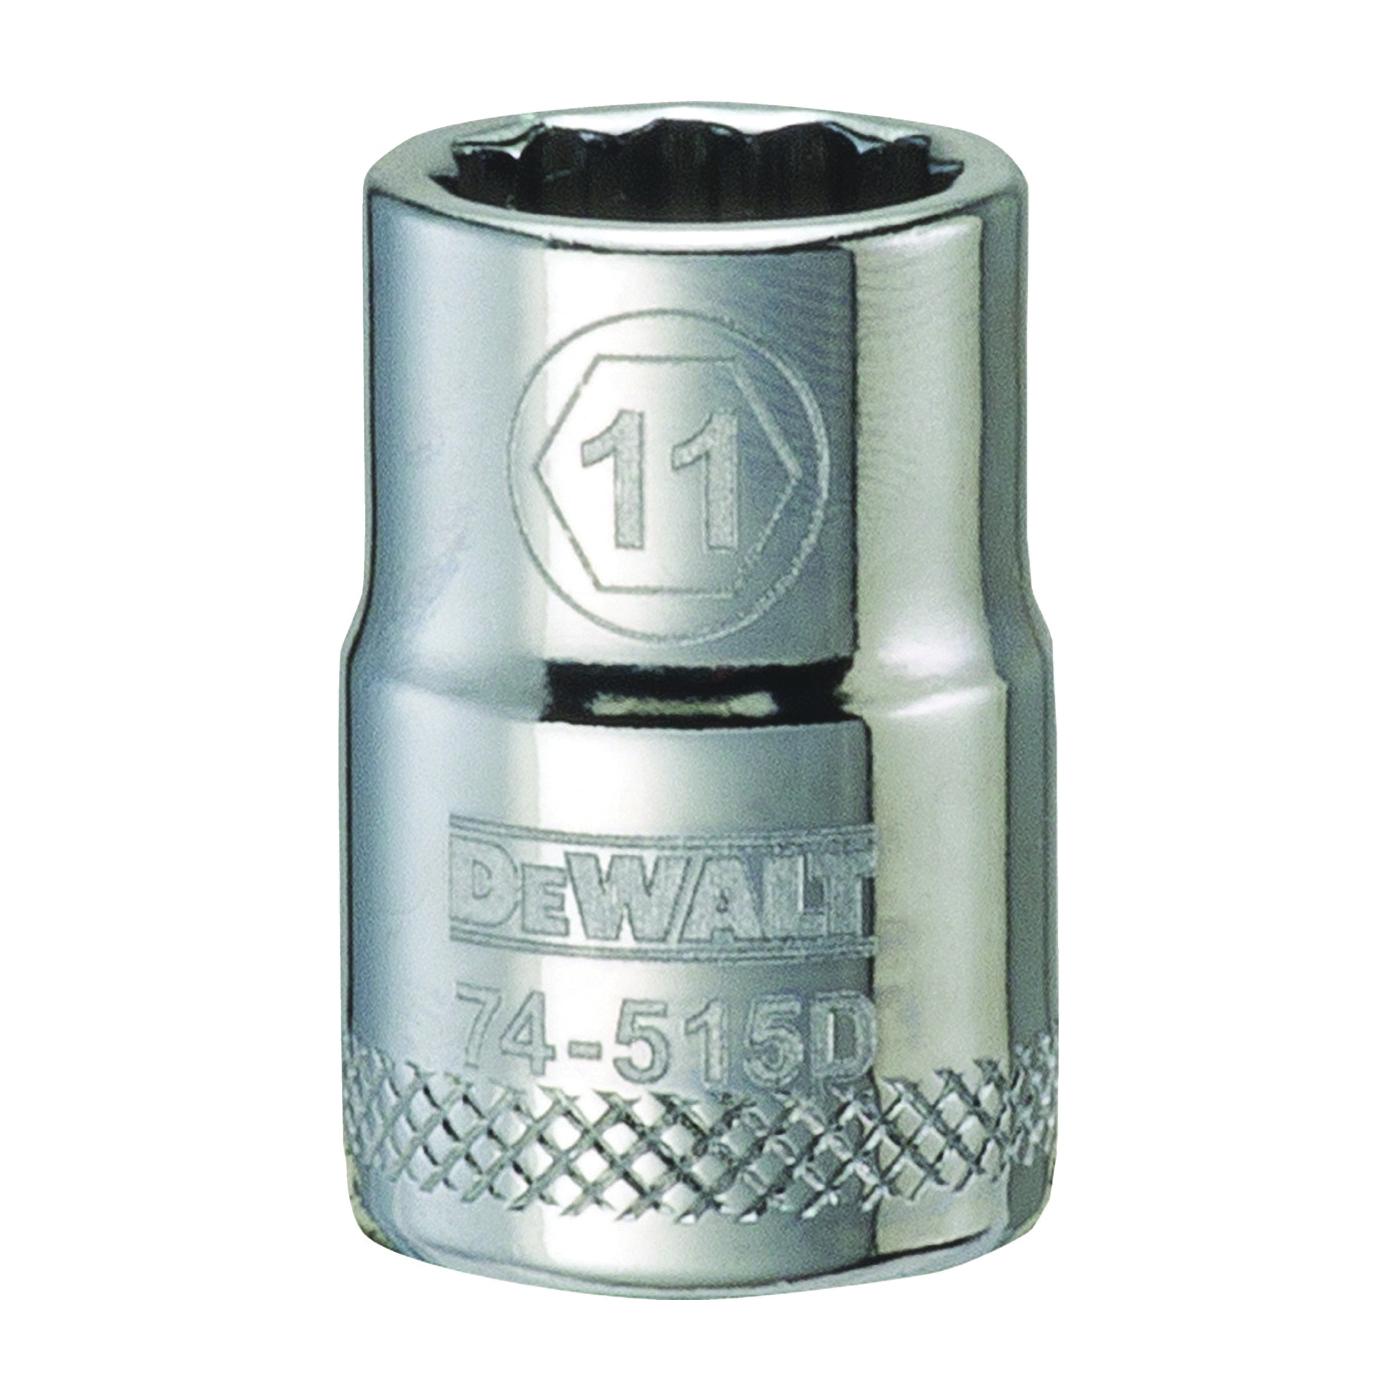 DeWalt DWMT74515OSP